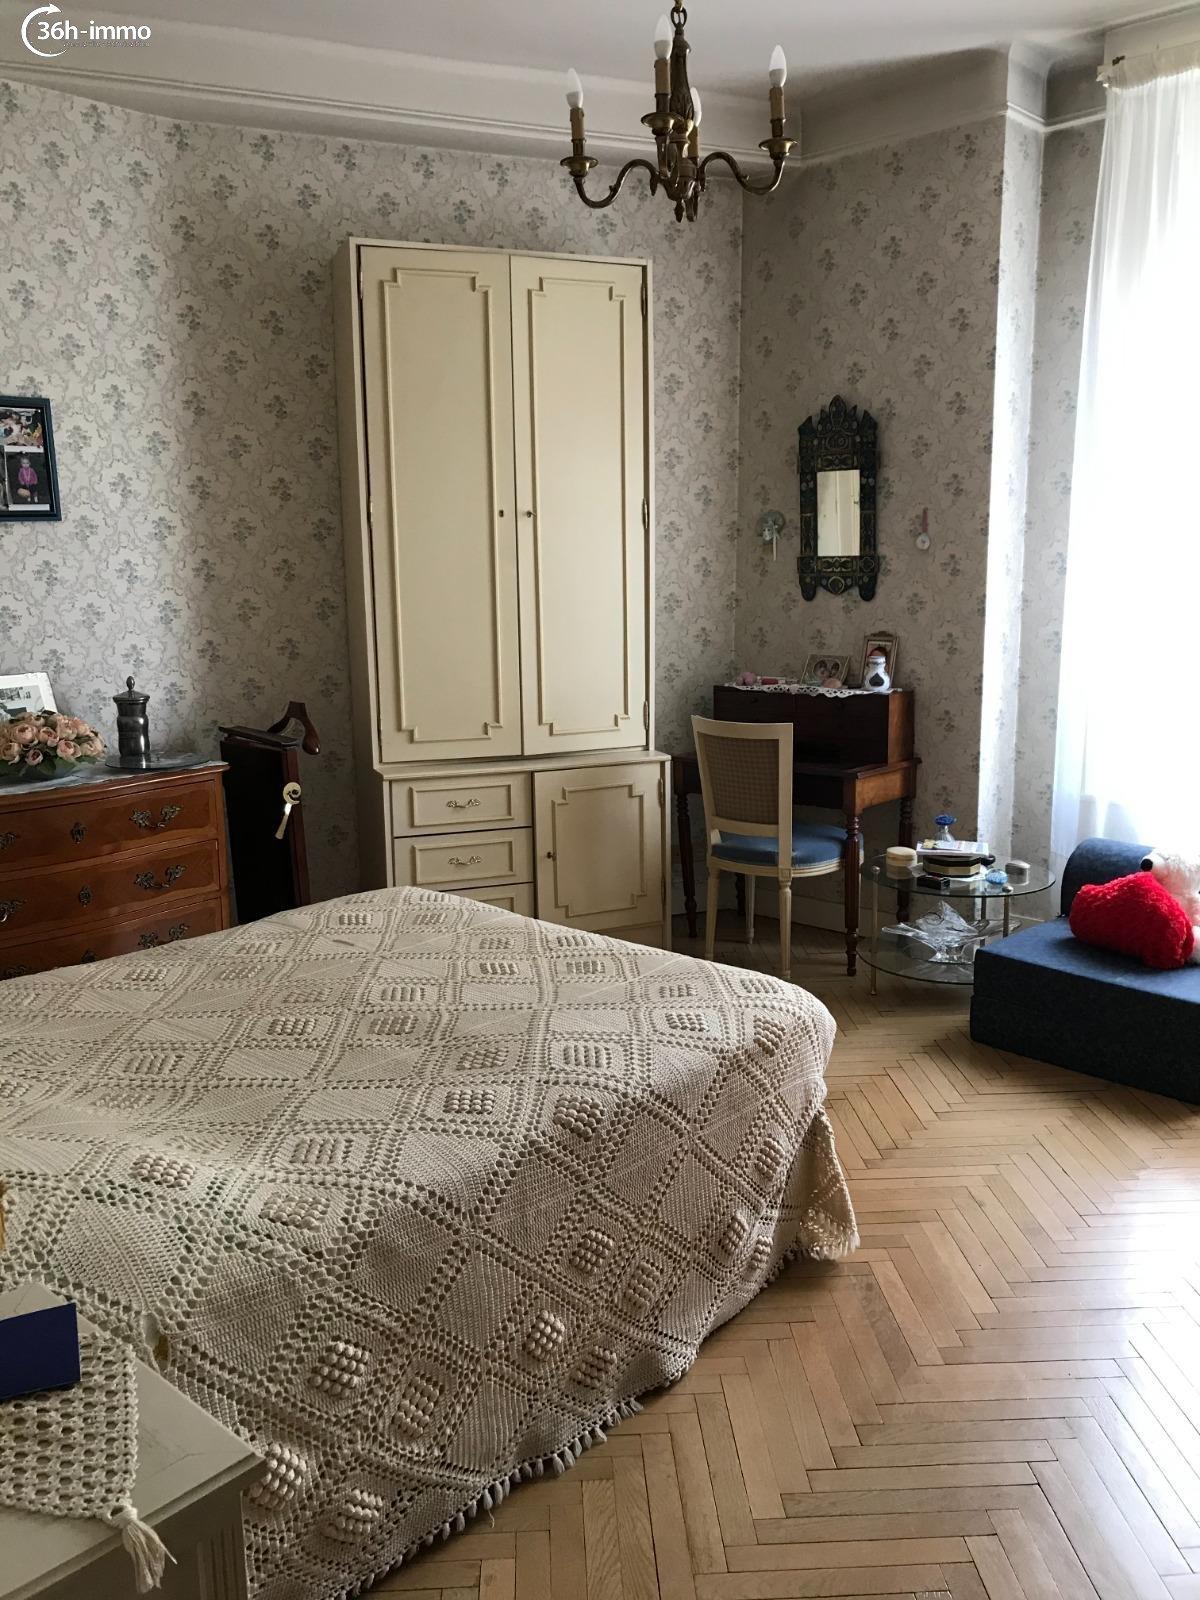 Appartement Le Mans 72000 Sarthe 110 m<sup>2</sup> 5 pièces 158000 euros